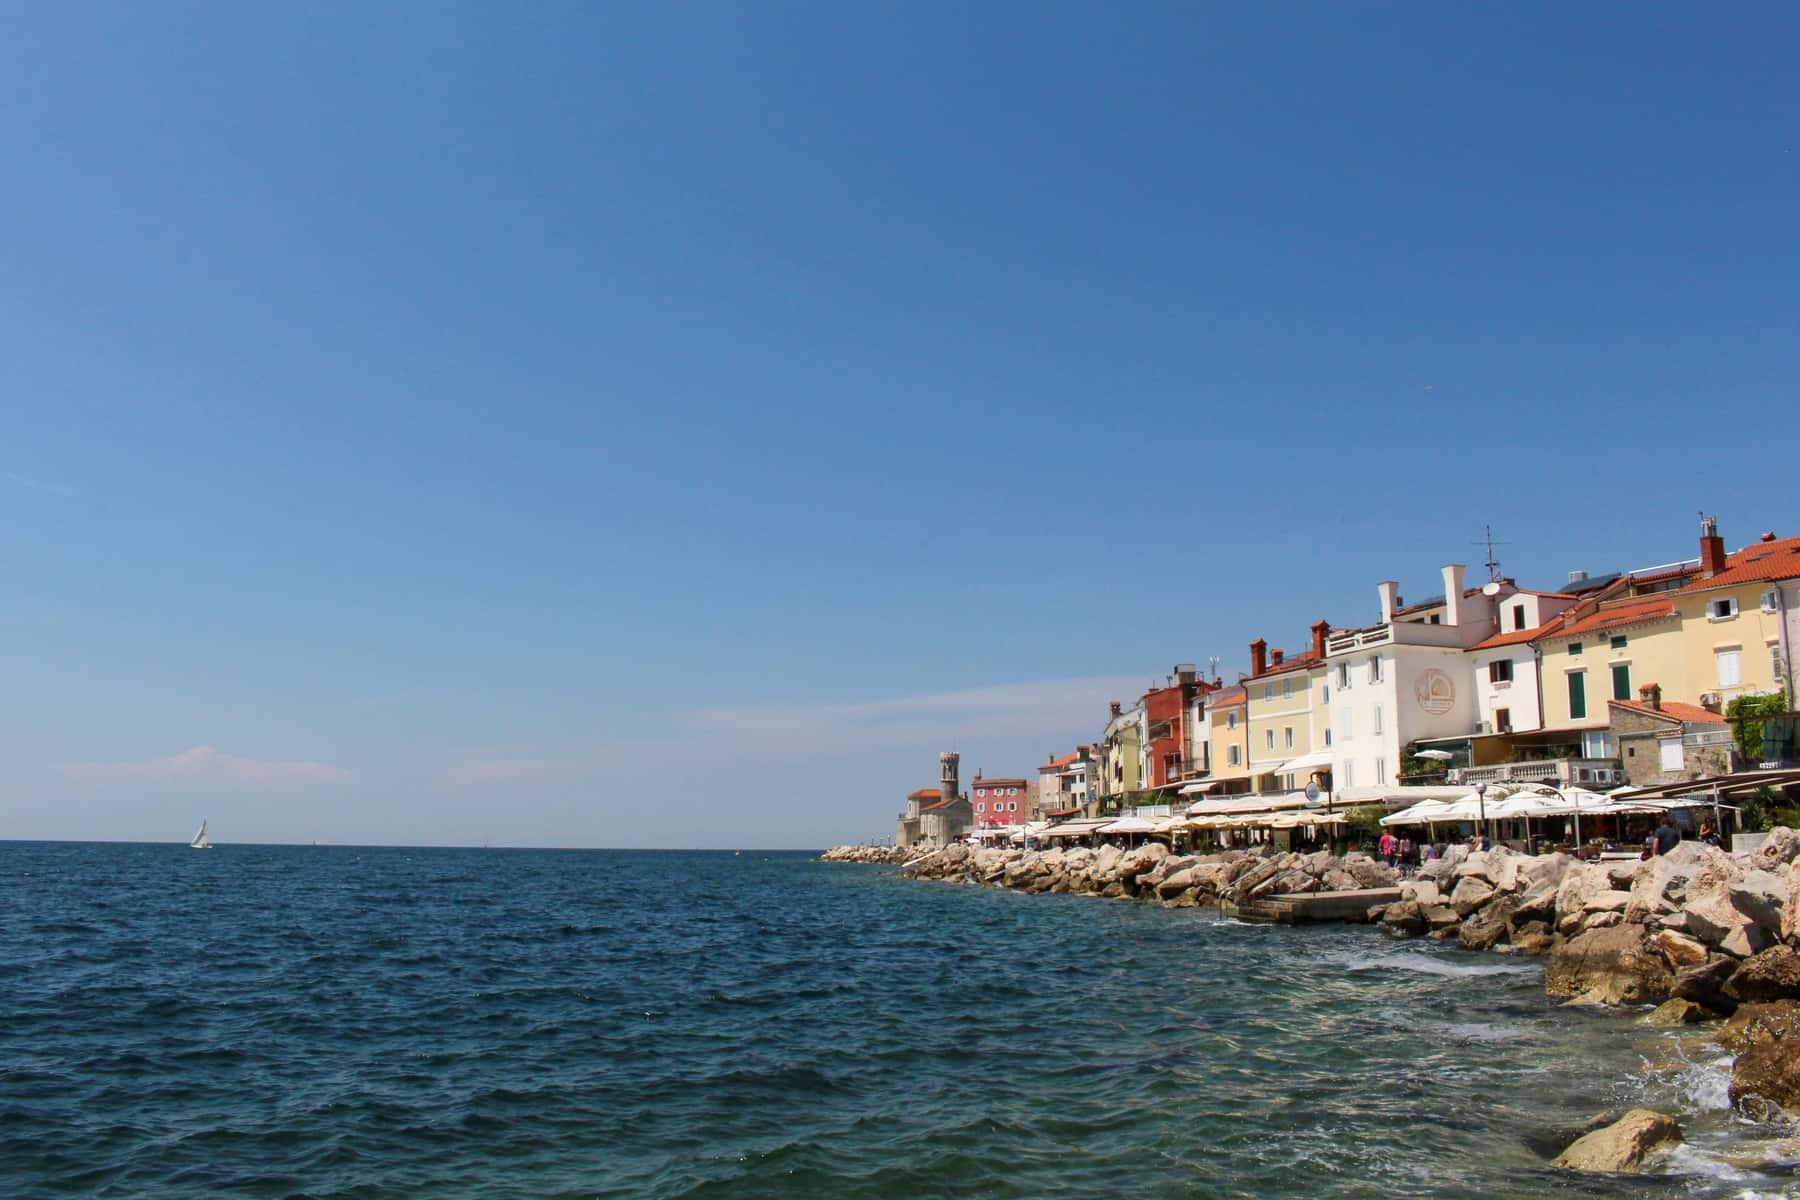 Piran Slovenia on Adriatic Sea